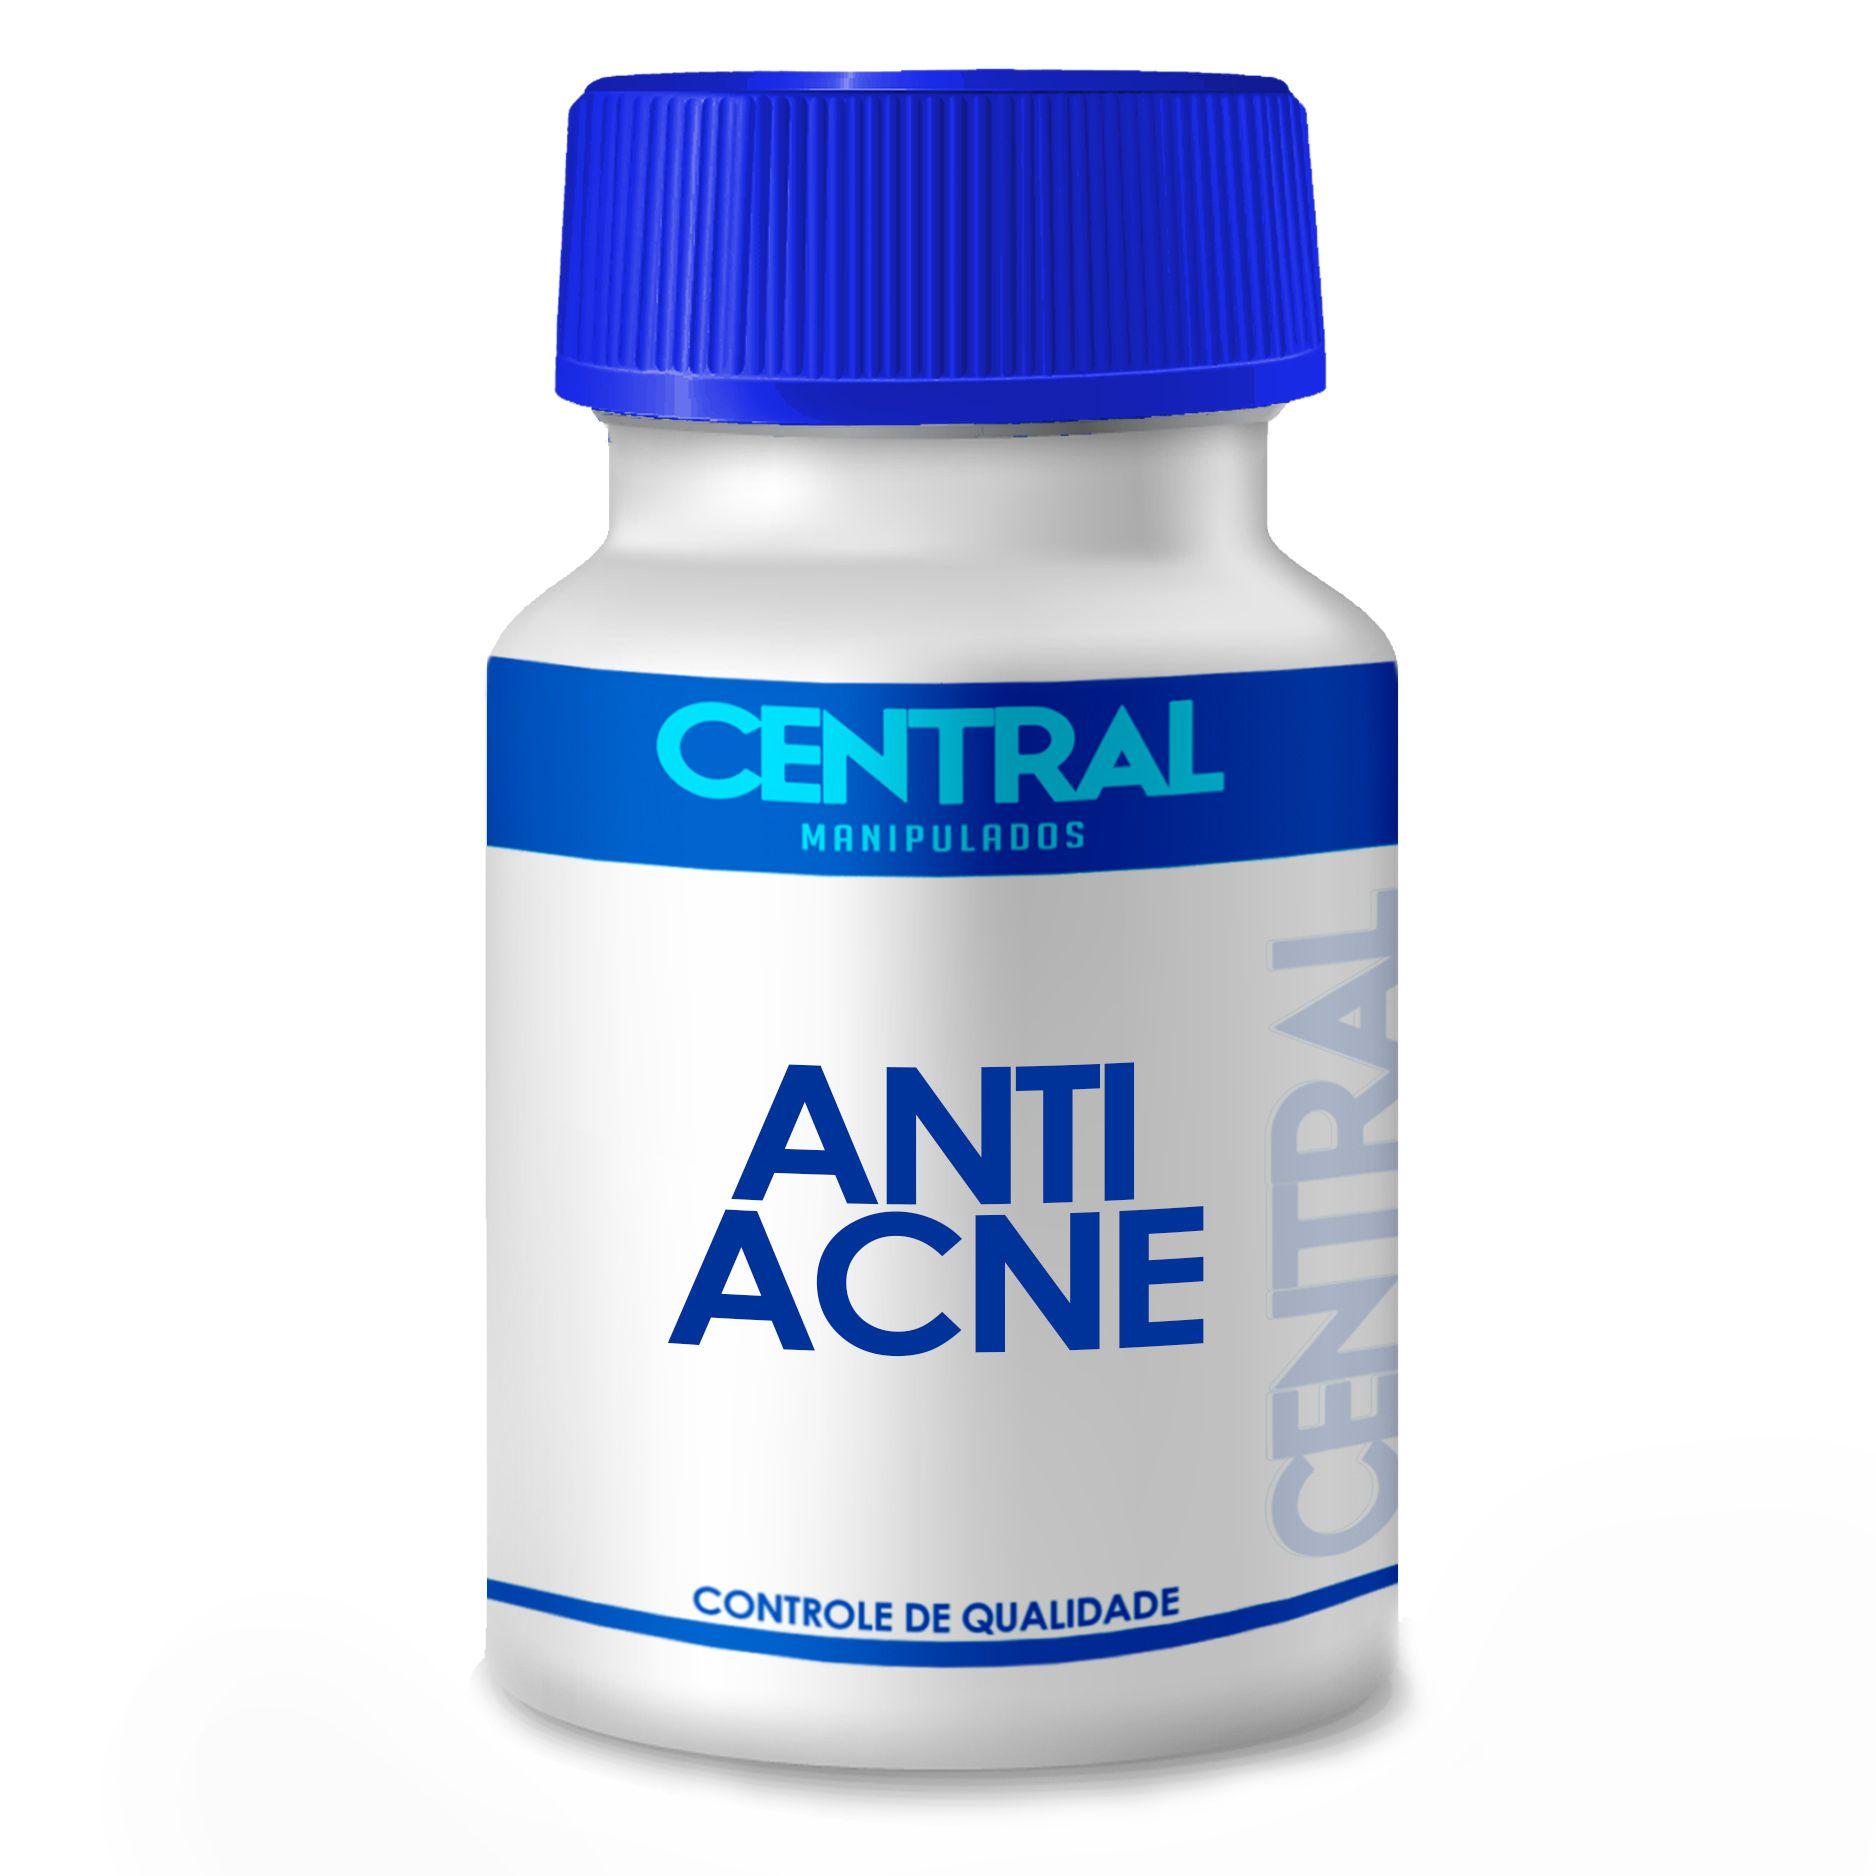 Anti Acne Central 60 cápsulas